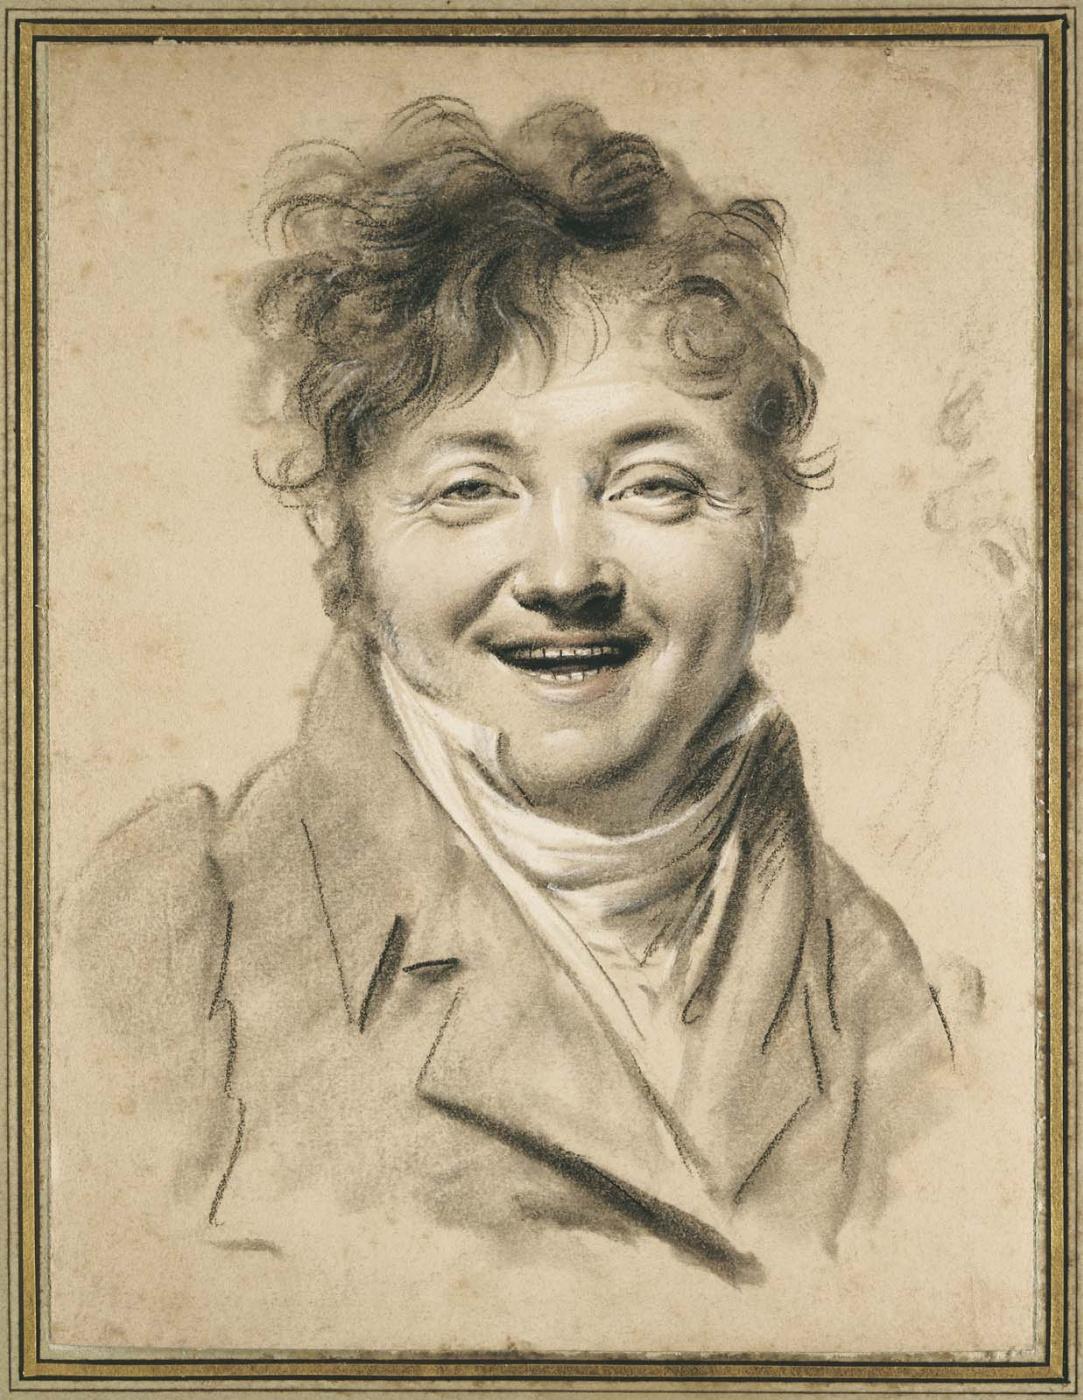 Луи-Леопольд Бойи. Смеющийся человек (Автопортрет)